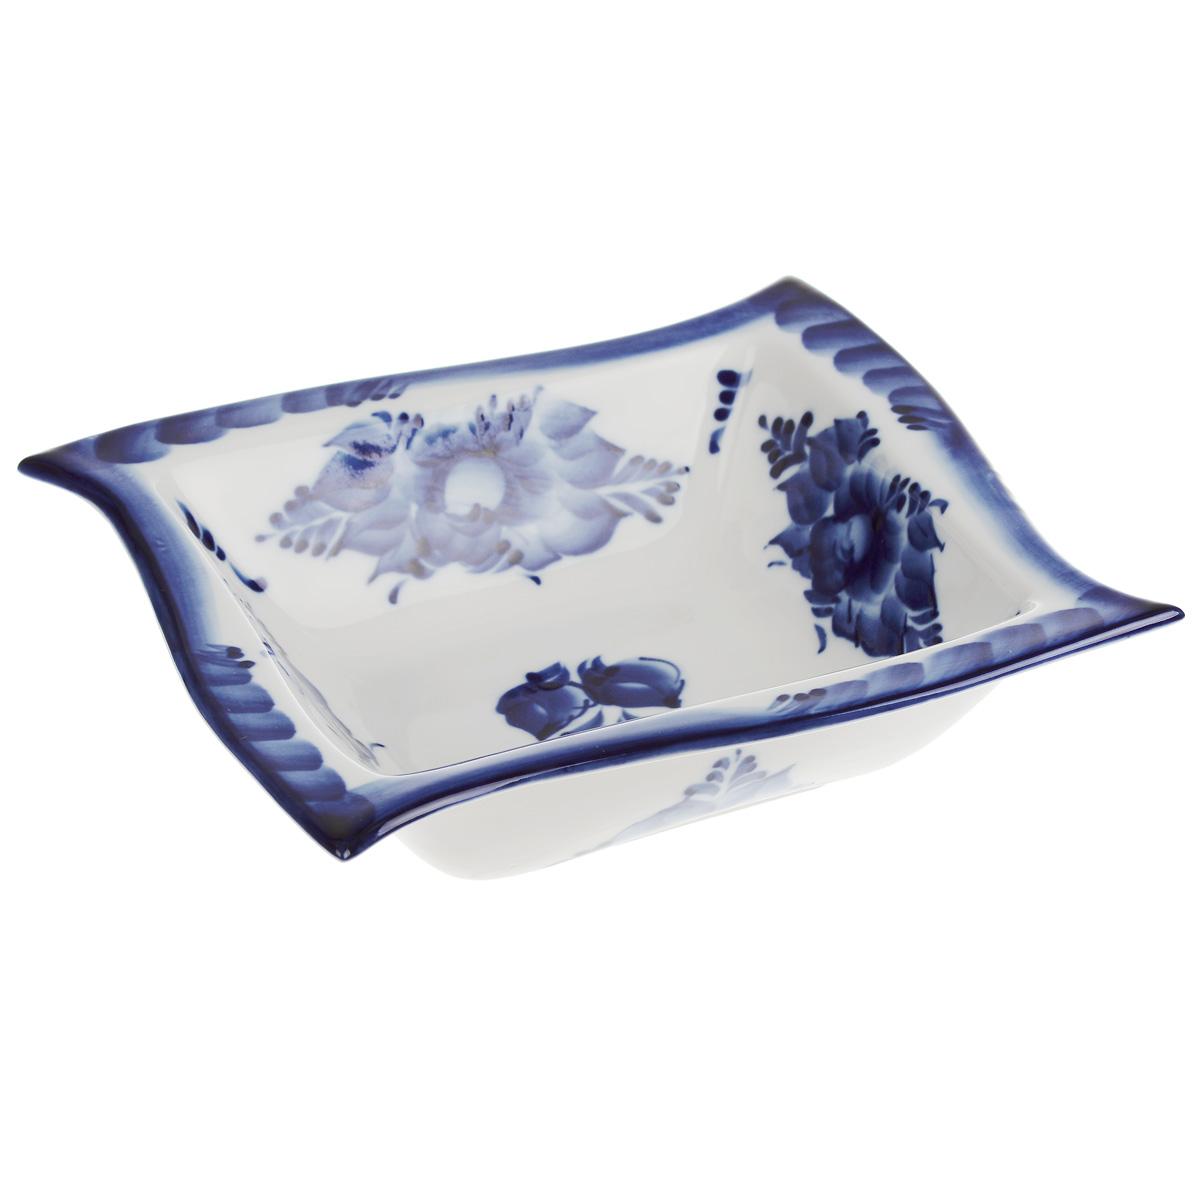 Салатник Волна, цвет: белый, синий, 17,5 х 17,5 х 4,5 см115510Салатник Волна, изготовленный из фарфора, доставит истинное удовольствие ценителям прекрасного. Изделие оформлено росписью в технике гжель. Яркий дизайн, несомненно, придется вам по вкусу.Салатник Волна украсит ваш кухонный стол, а также станет замечательным подарком к любому празднику.